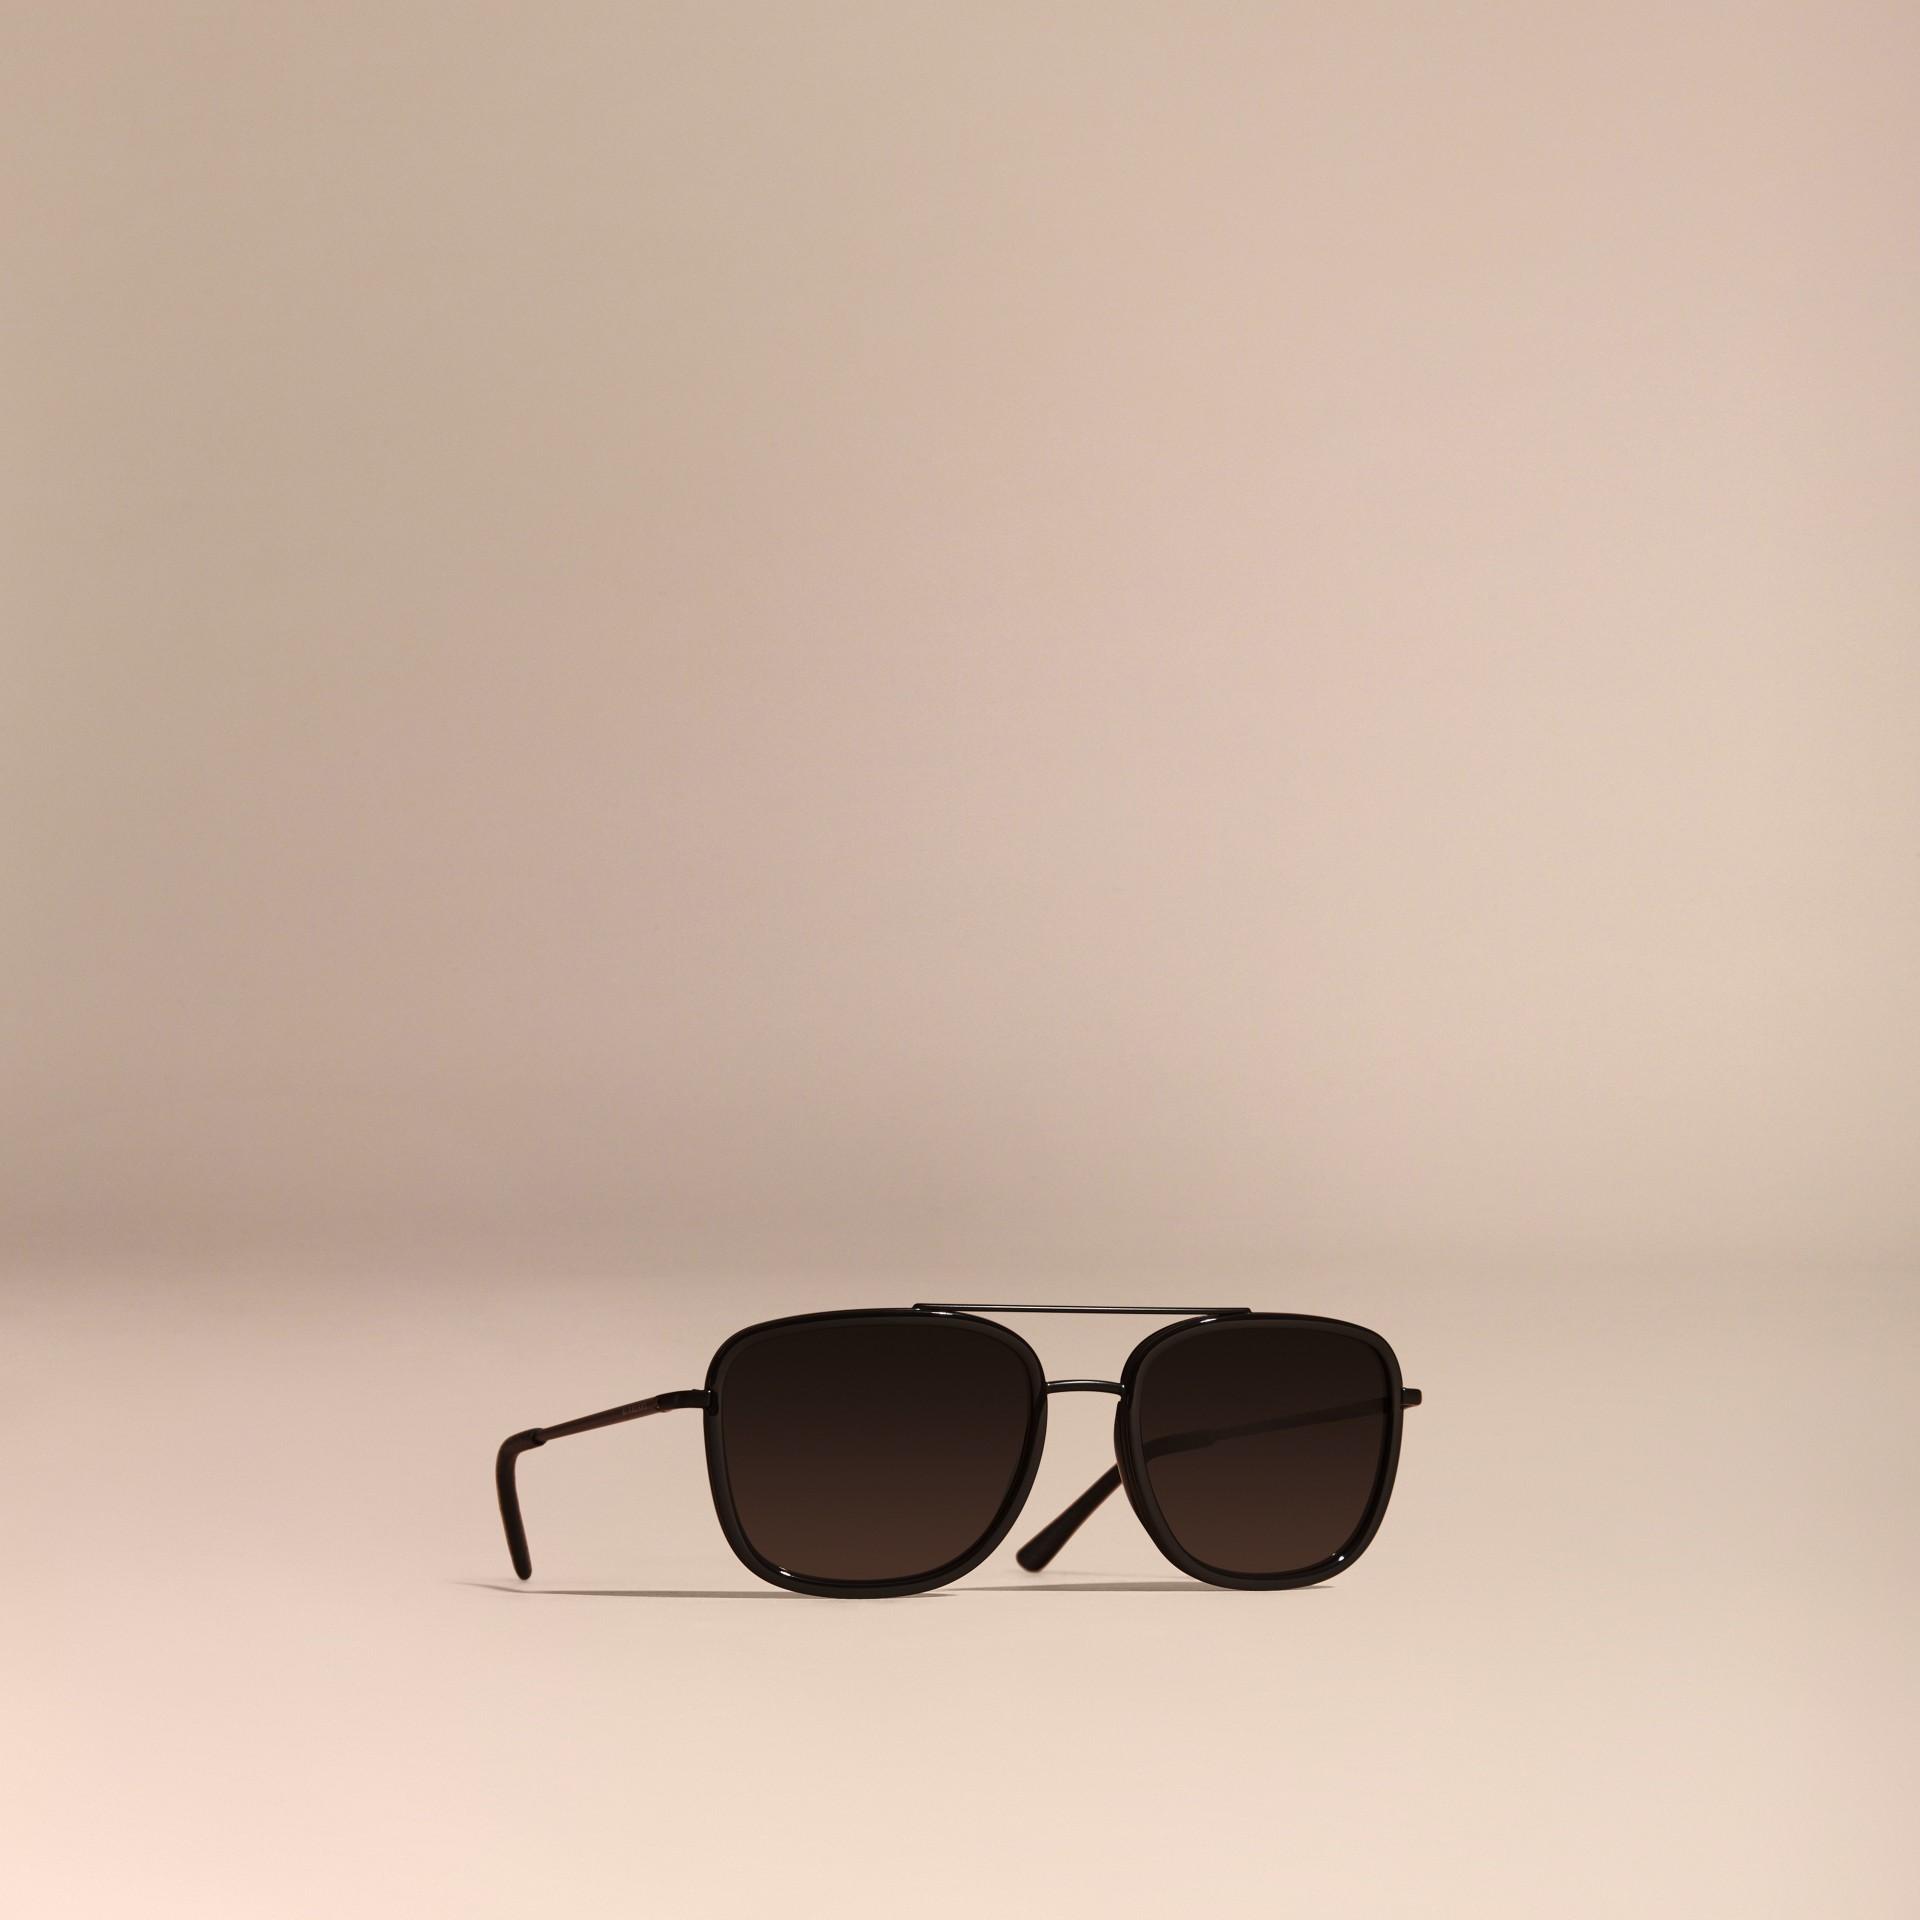 Nero Occhiali da sole con montatura squadrata in acetato e pelle Nero - immagine della galleria 1